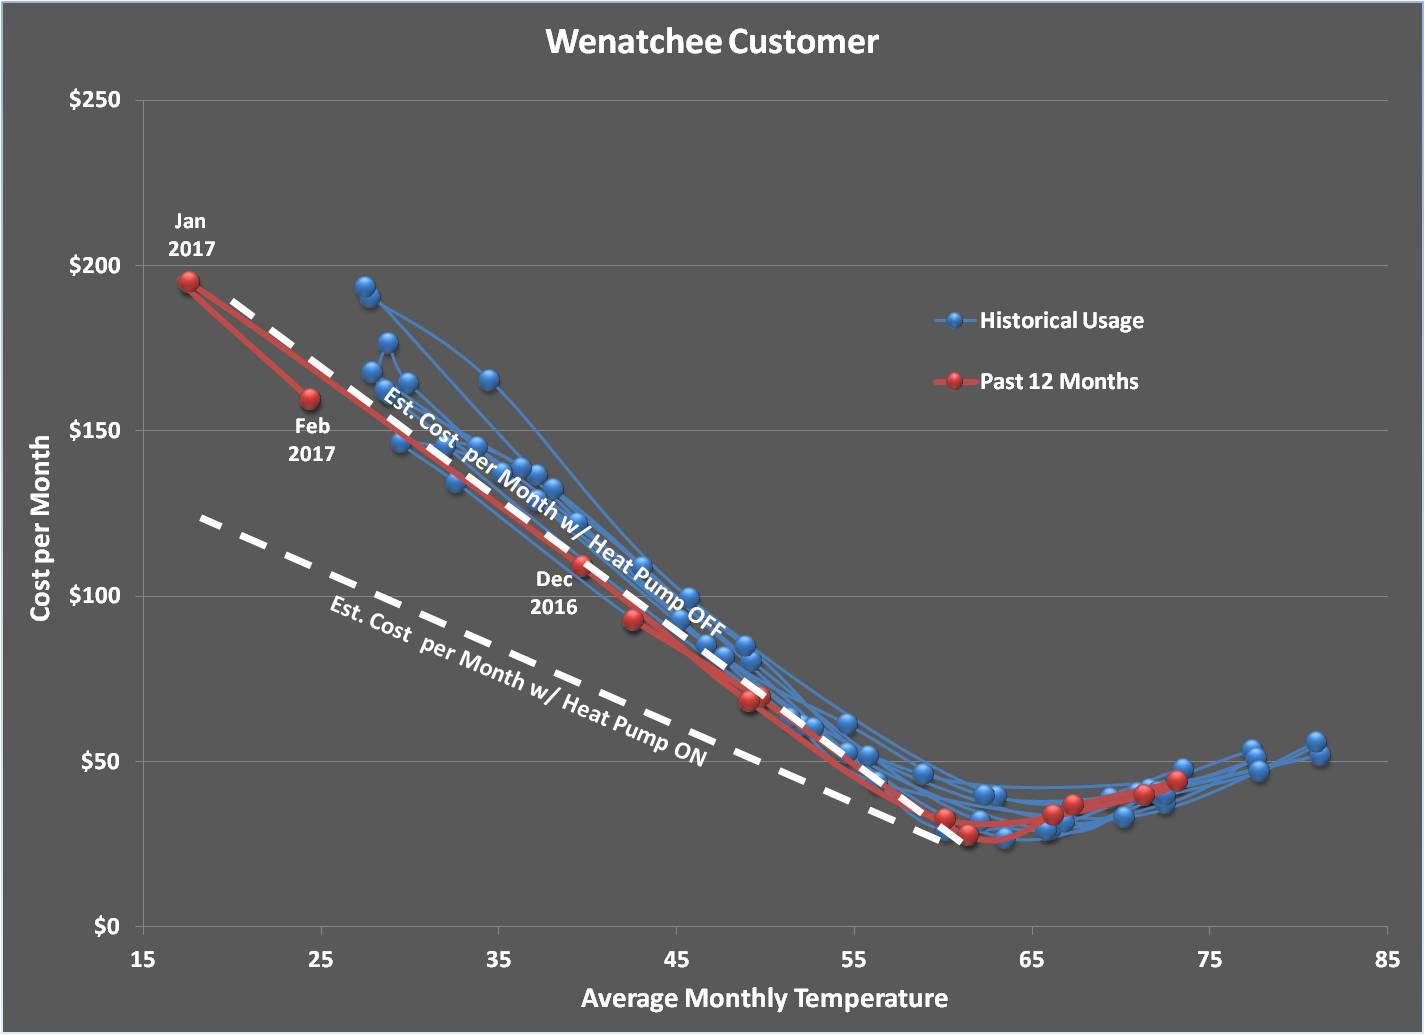 Wenatchee customer energy use chart